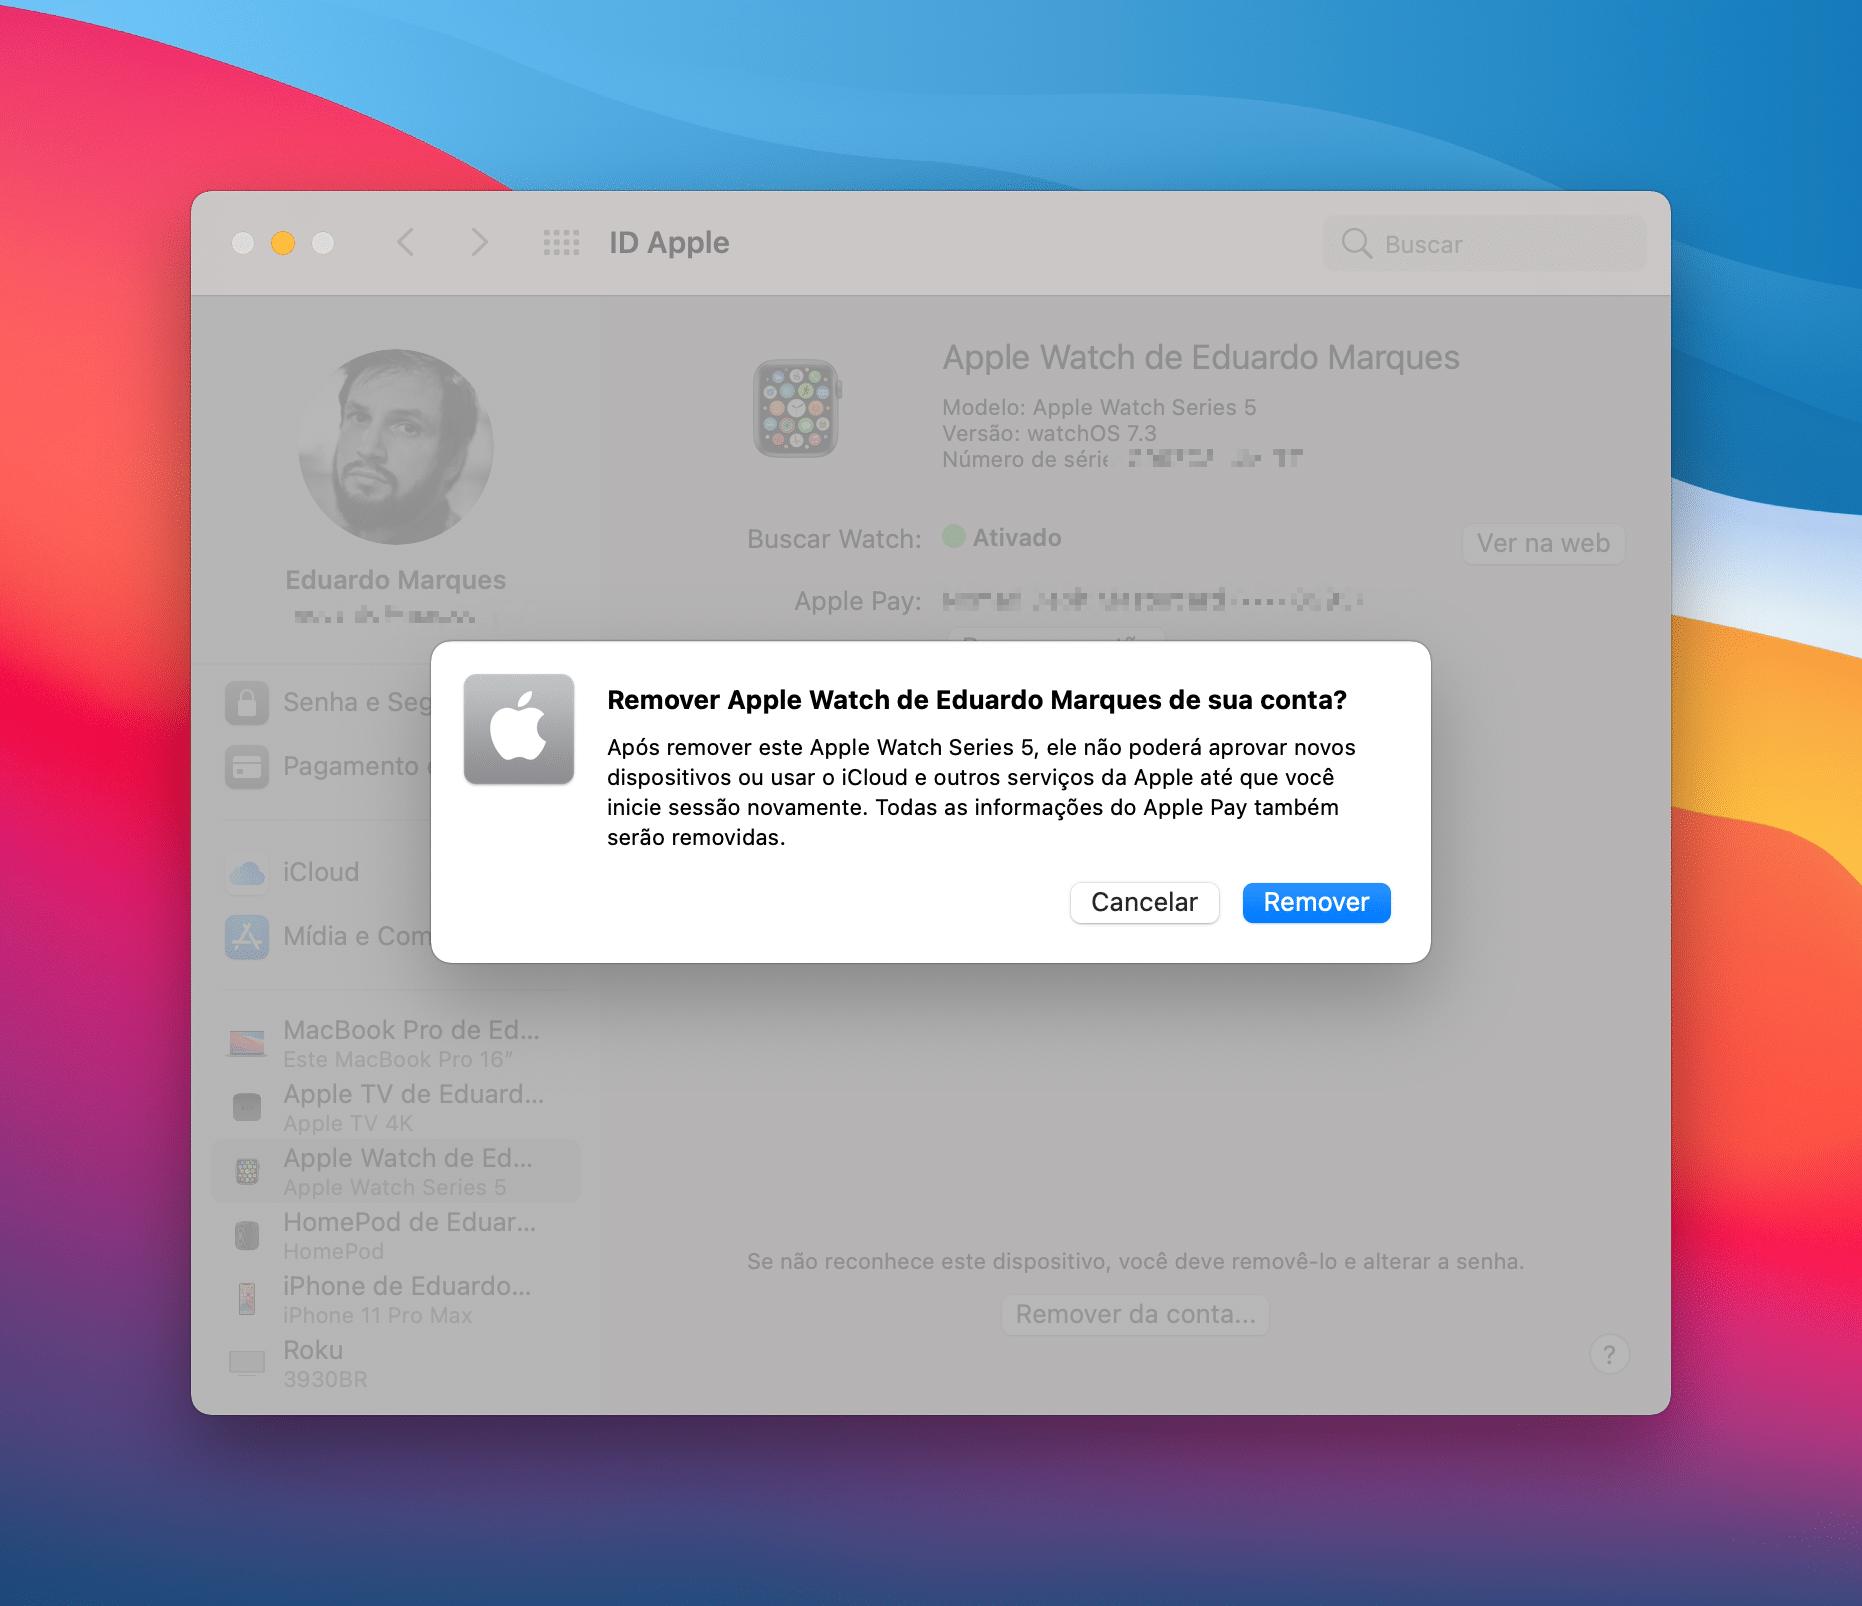 Removendo dispositivos do iCloud